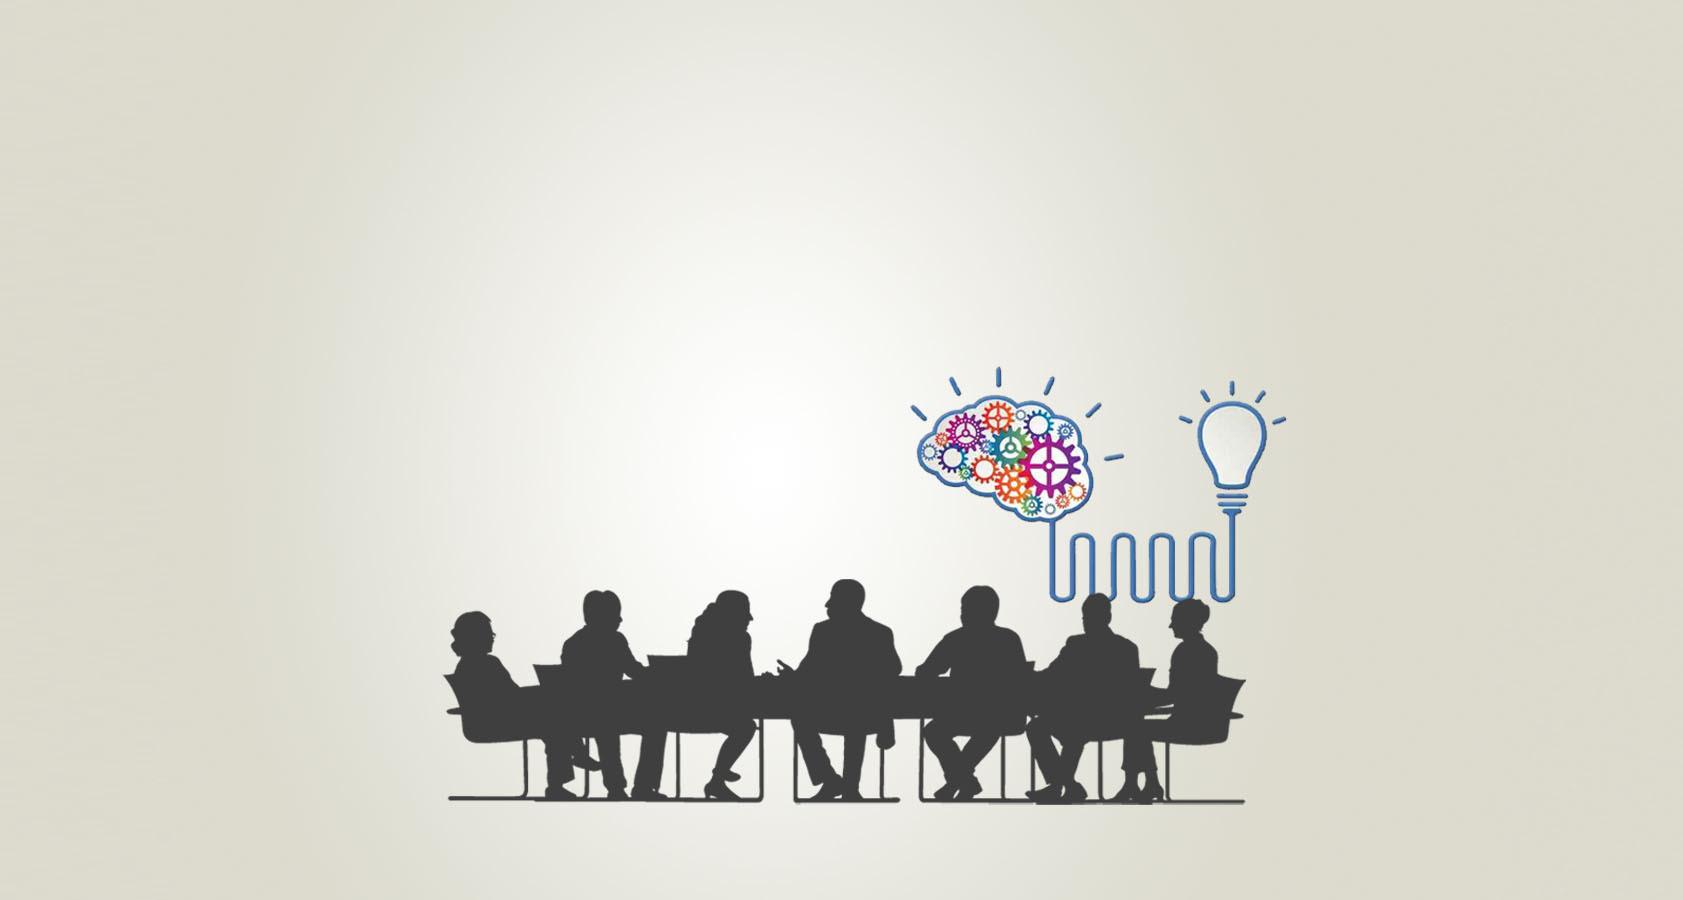 HR必收的58个面试问题,从零开始把面试提问讲透了